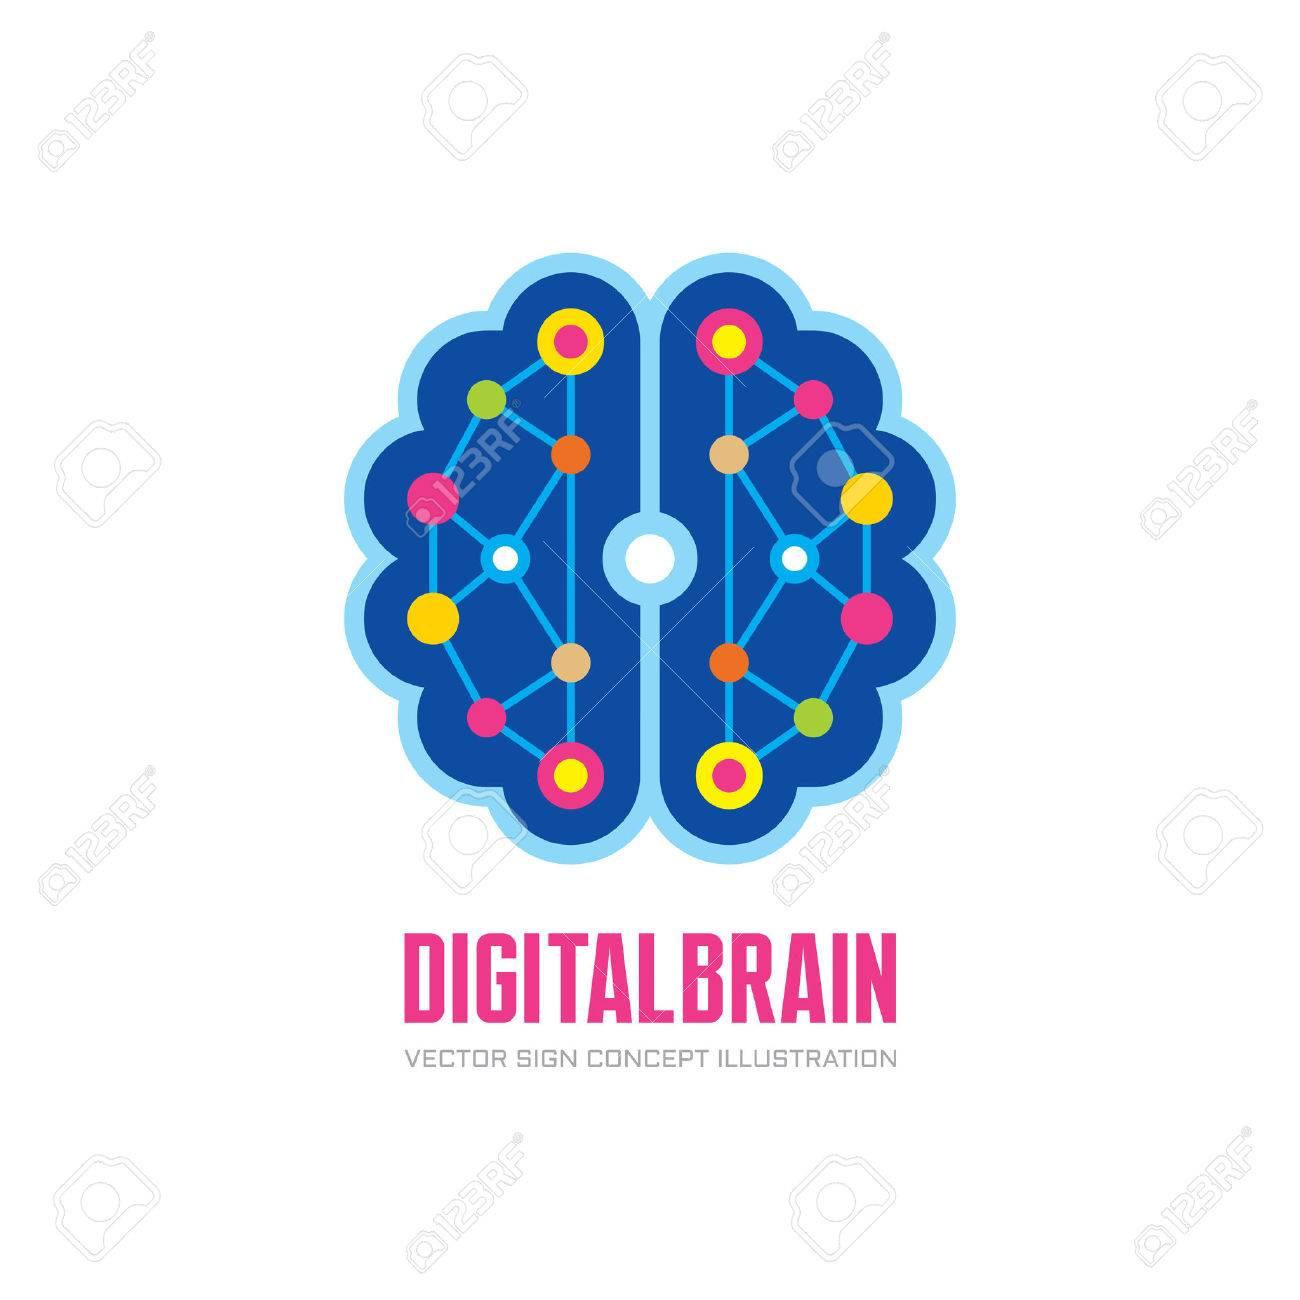 Vector De La Insignia Ilustración Del Concepto En El Diseño De Estilo Plano Cerebro Humano Digital Mente Insignia De La Muestra Tecnología De